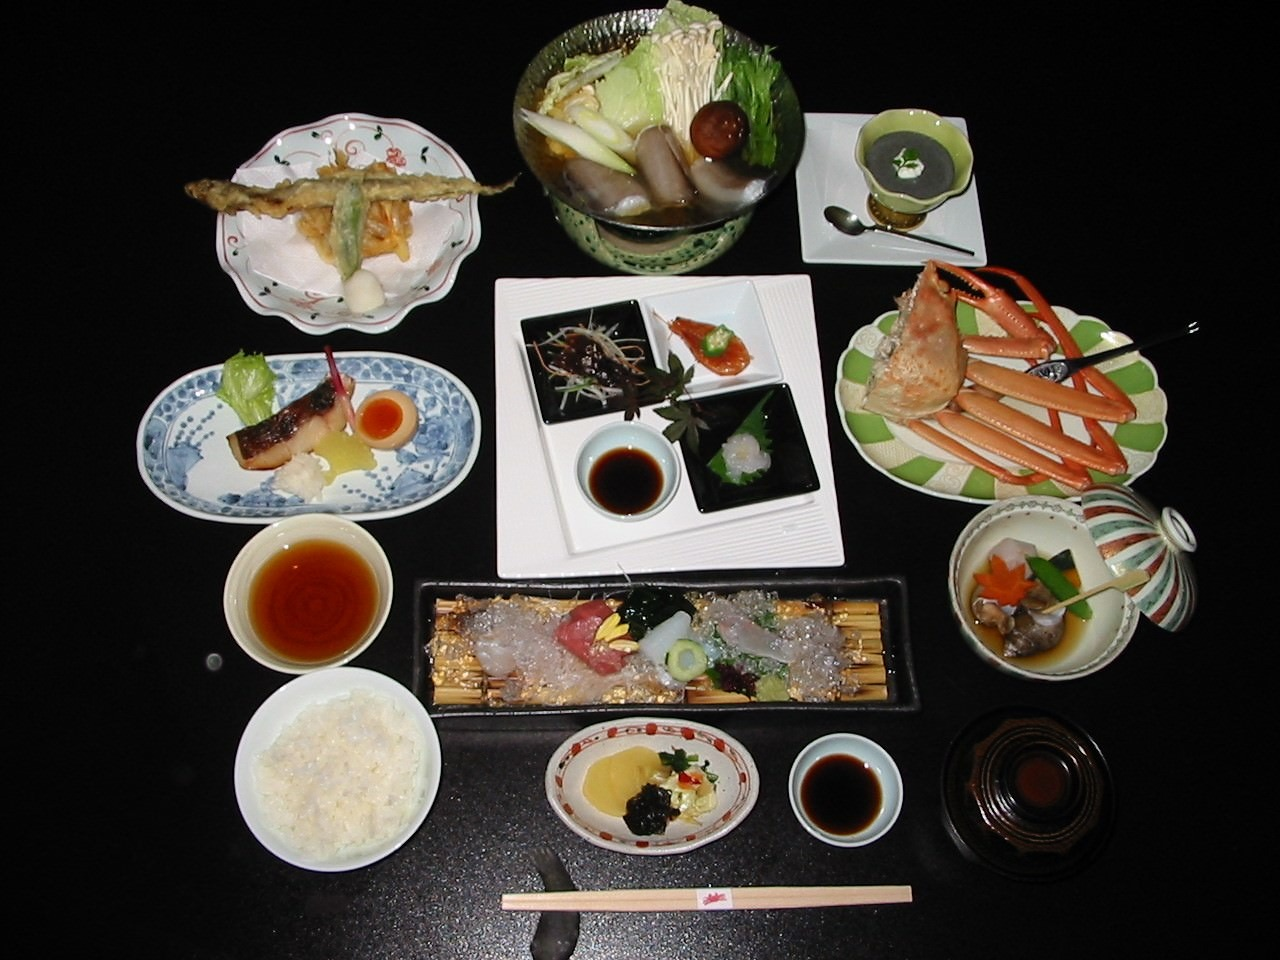 新湊膳 新湊の名産がたくさん味わえるおすすめの会席です。